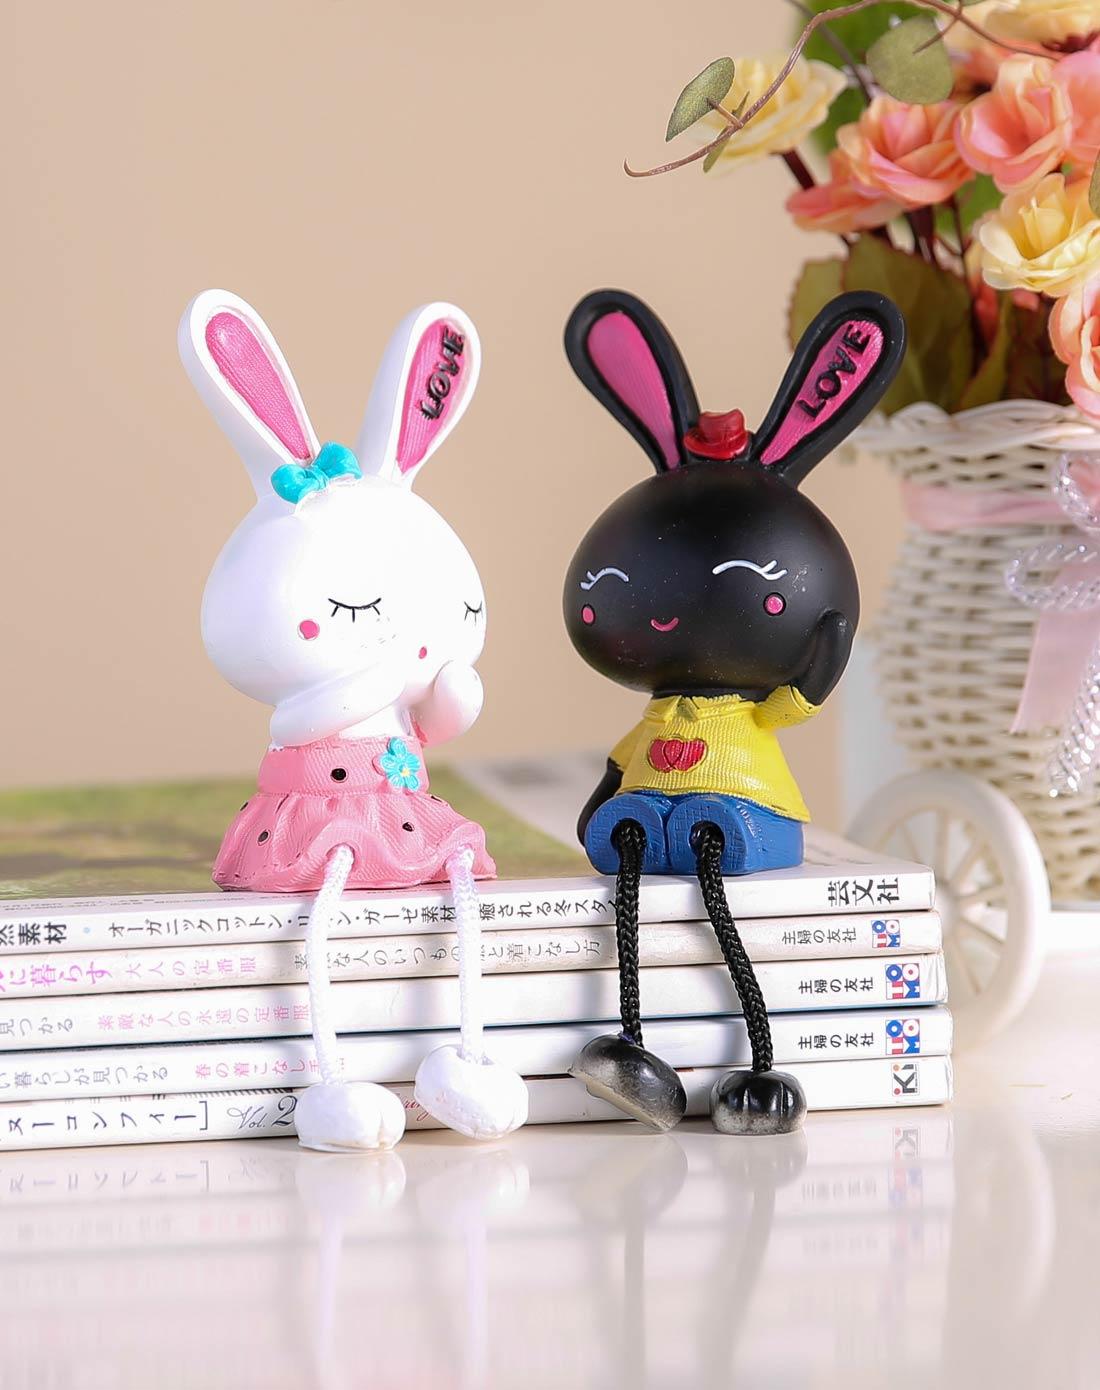 卡通树脂工艺摆件吊脚娃娃-黑白love兔一对